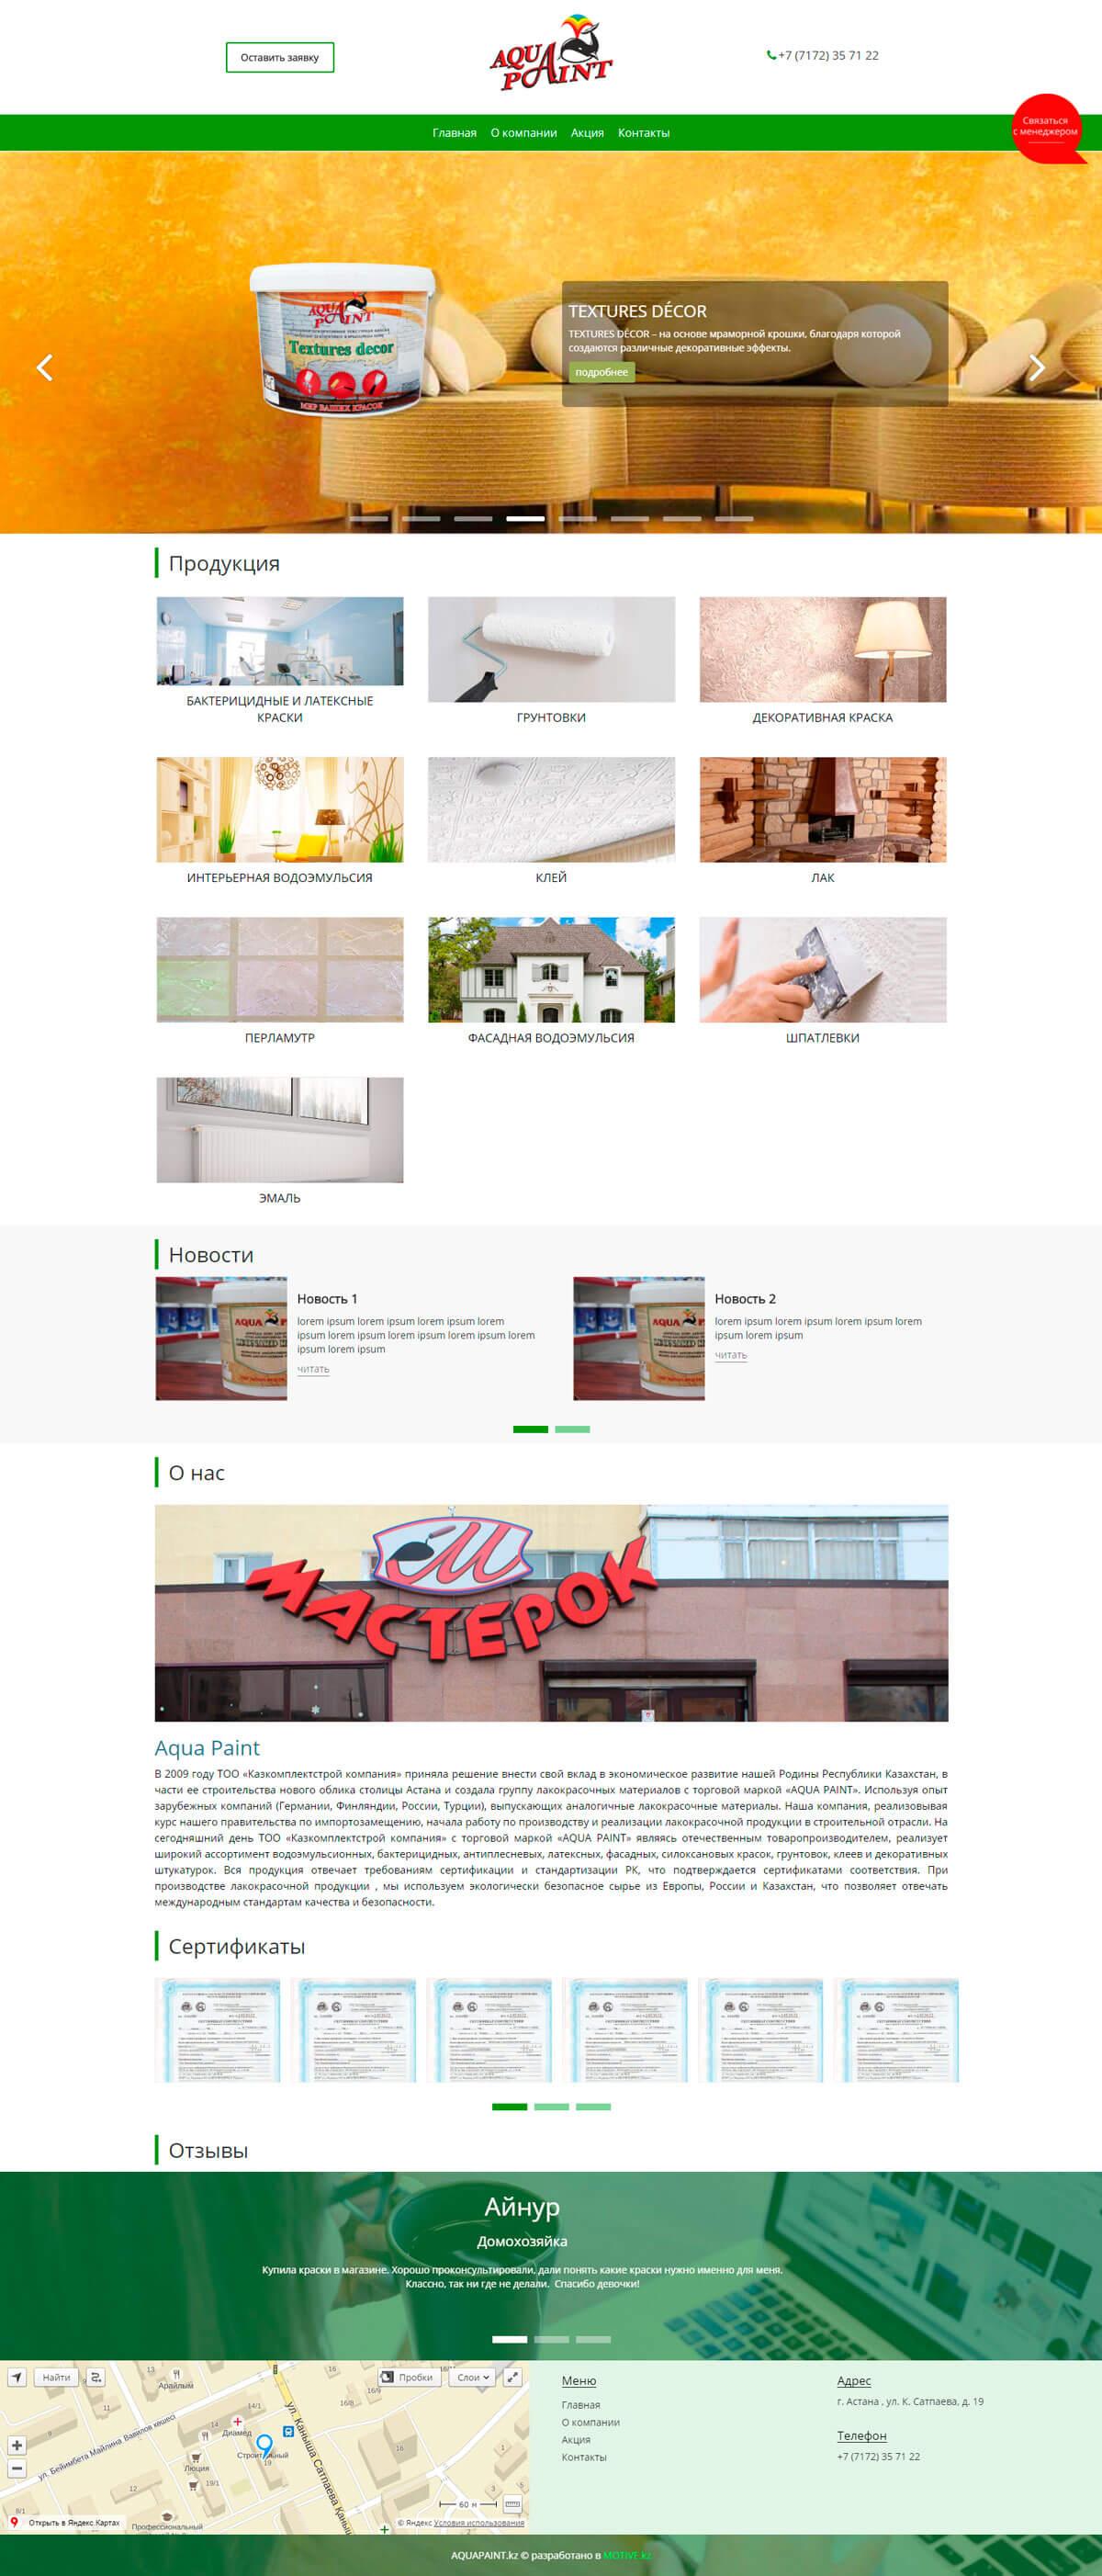 aqua-paint-продажа-красок-астана-2